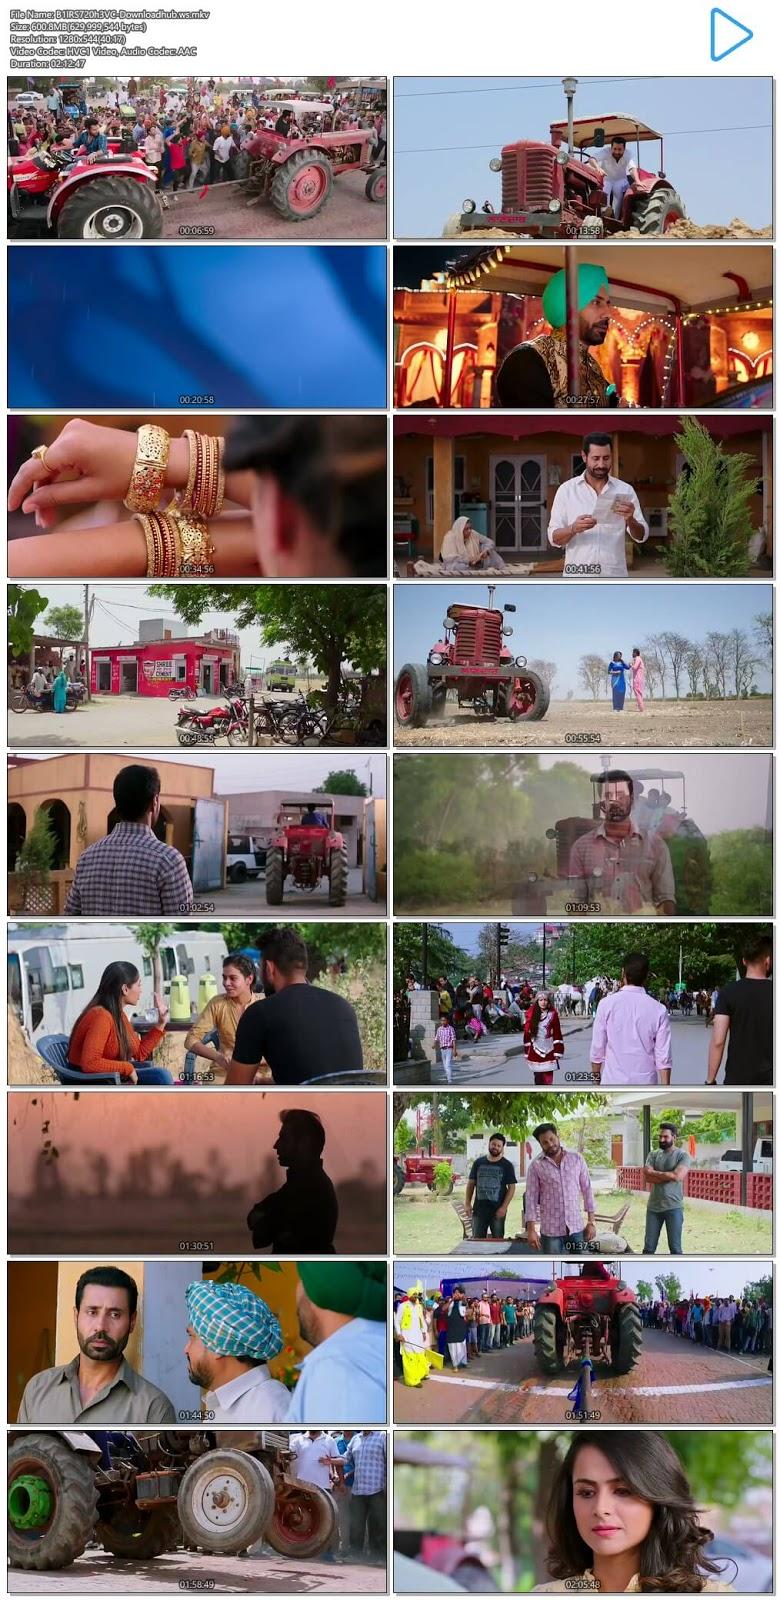 Bailaras 2017 Punjabi 720p HEVC HDRip